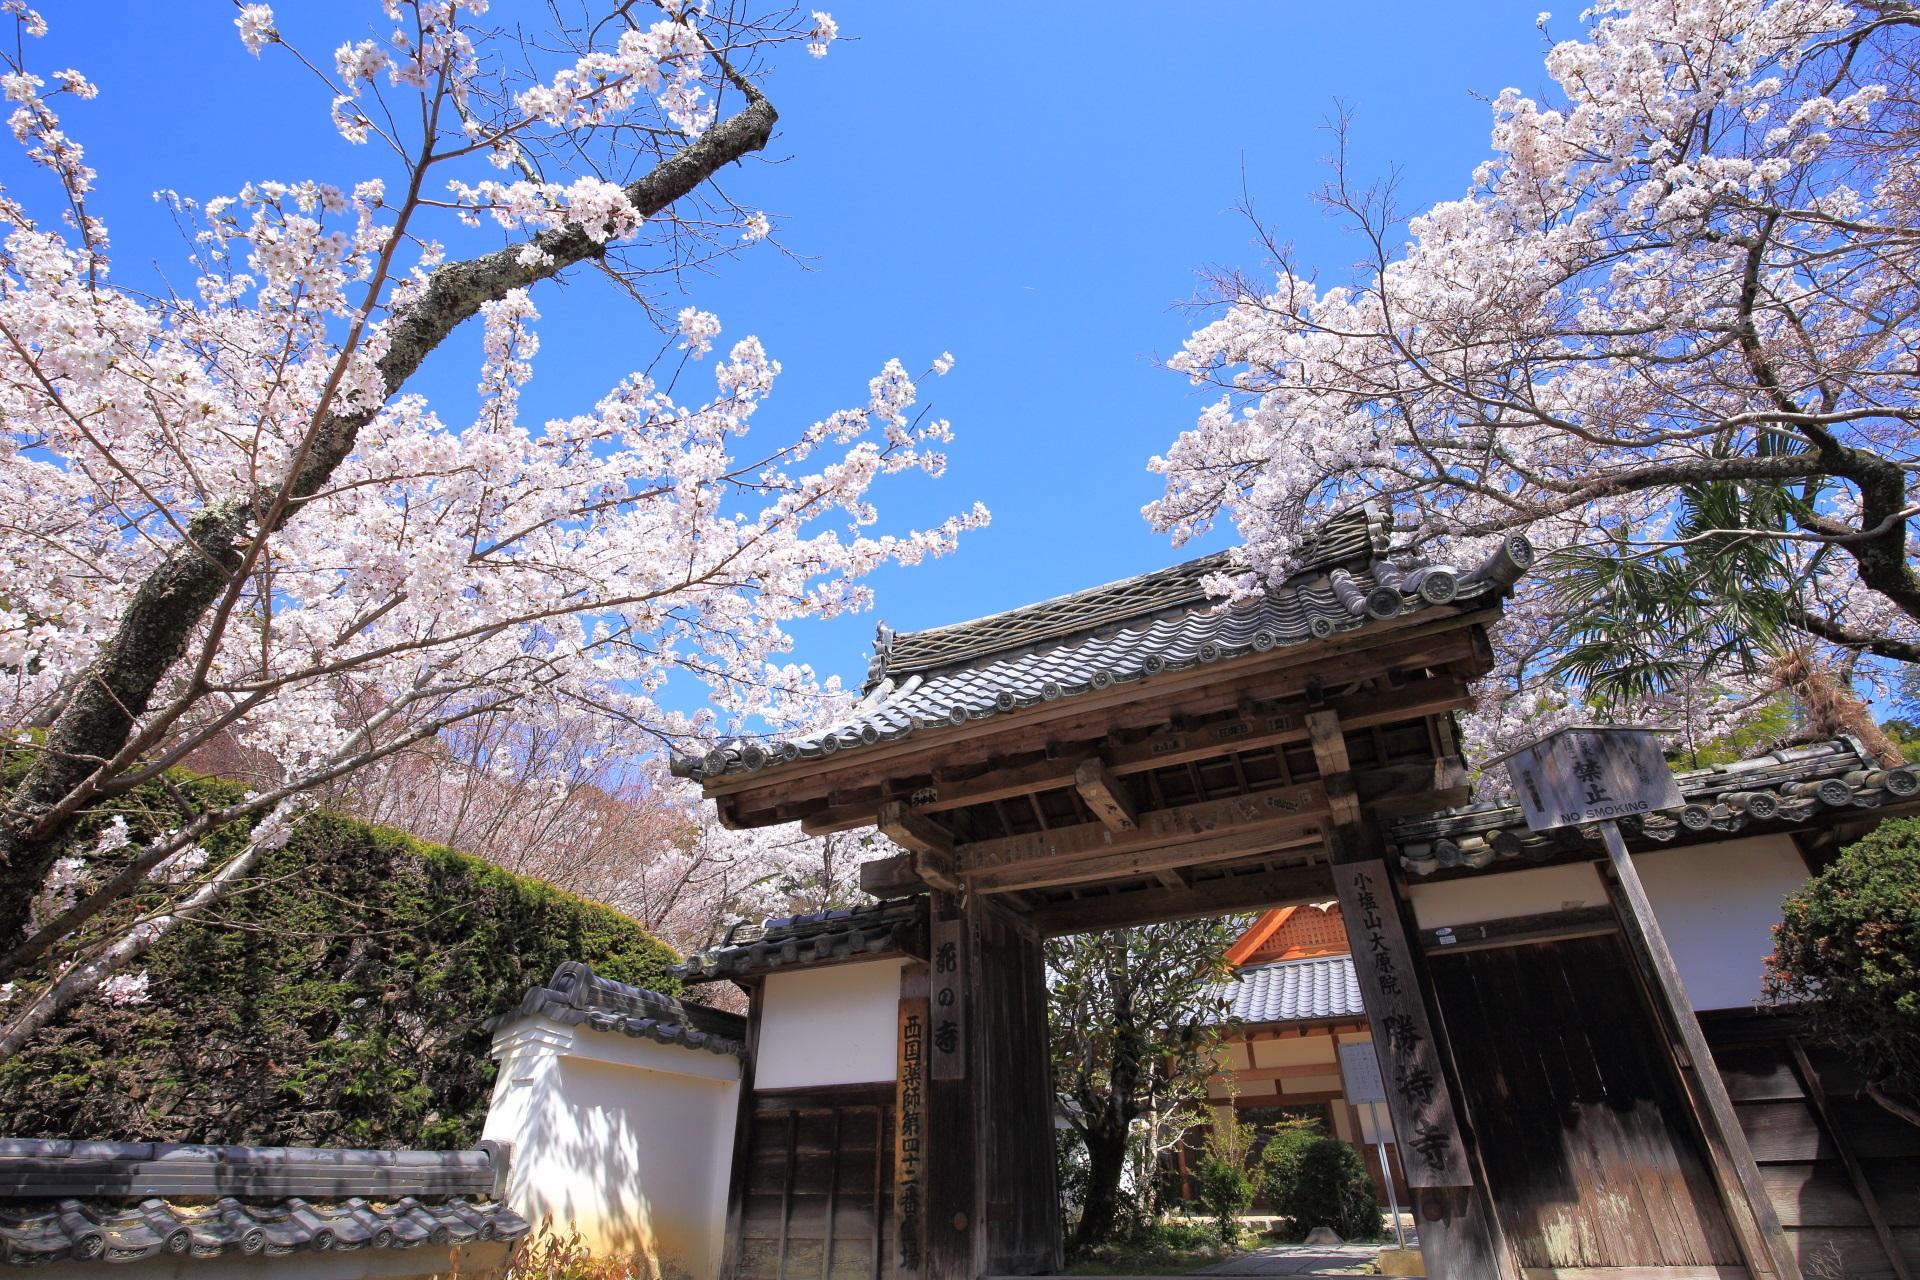 勝持寺の山門(南門)の桜